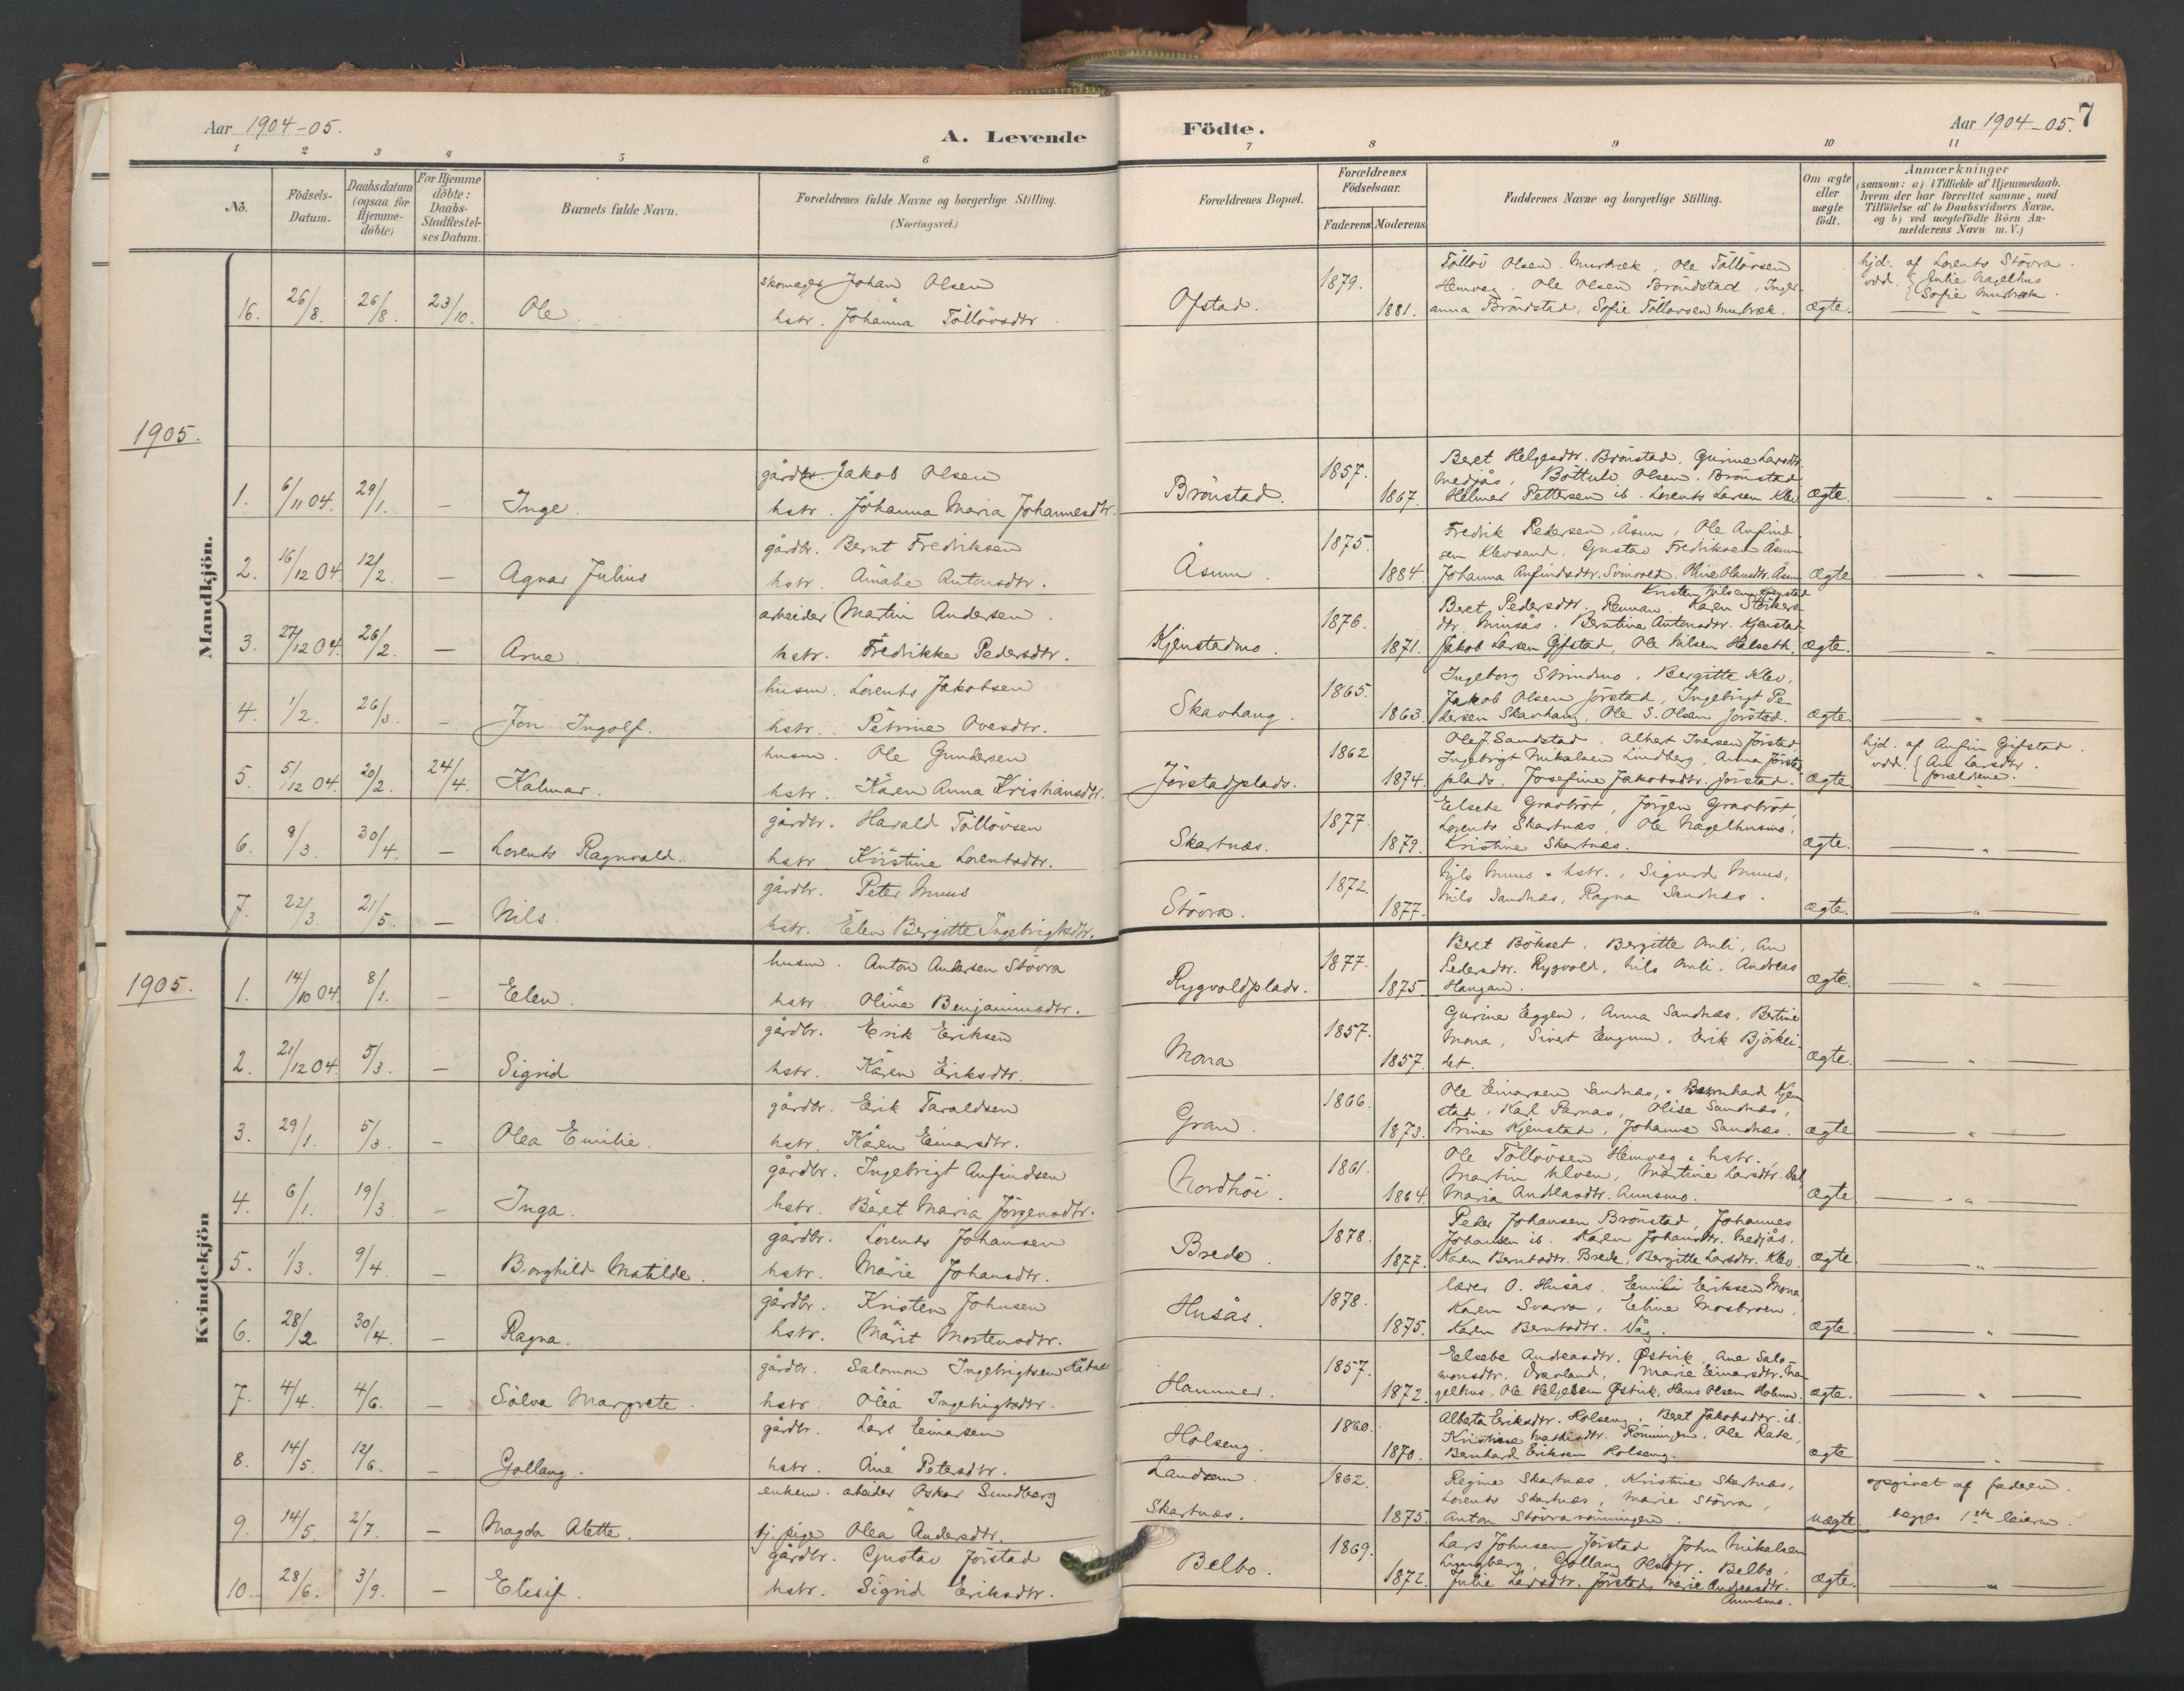 SAT, Ministerialprotokoller, klokkerbøker og fødselsregistre - Nord-Trøndelag, 749/L0477: Ministerialbok nr. 749A11, 1902-1927, s. 7